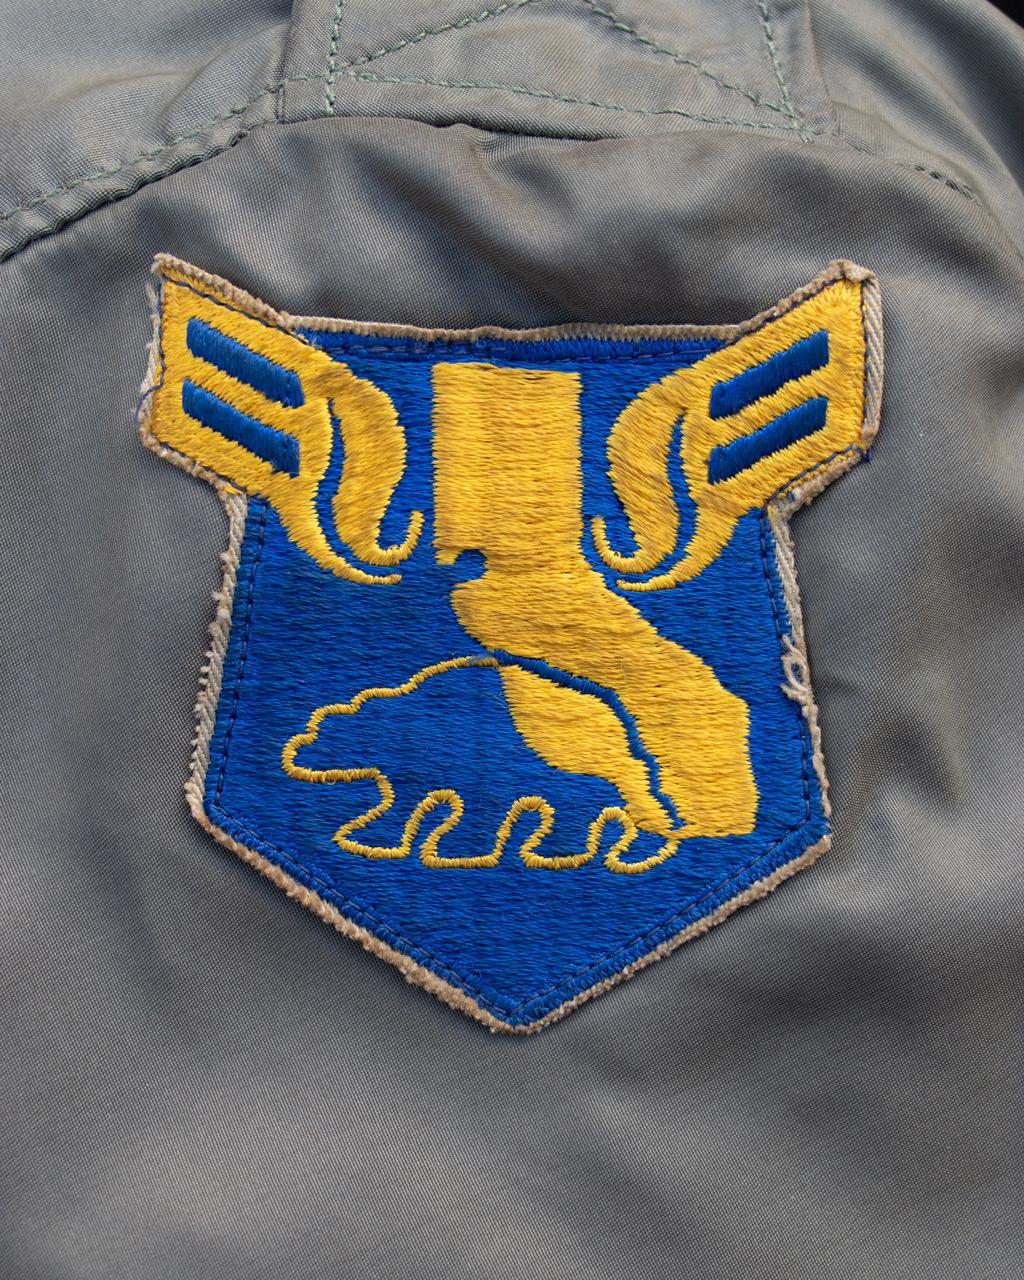 BA18CAFA-7F3E-45CC-8DDB-E9466FD13439.jpeg